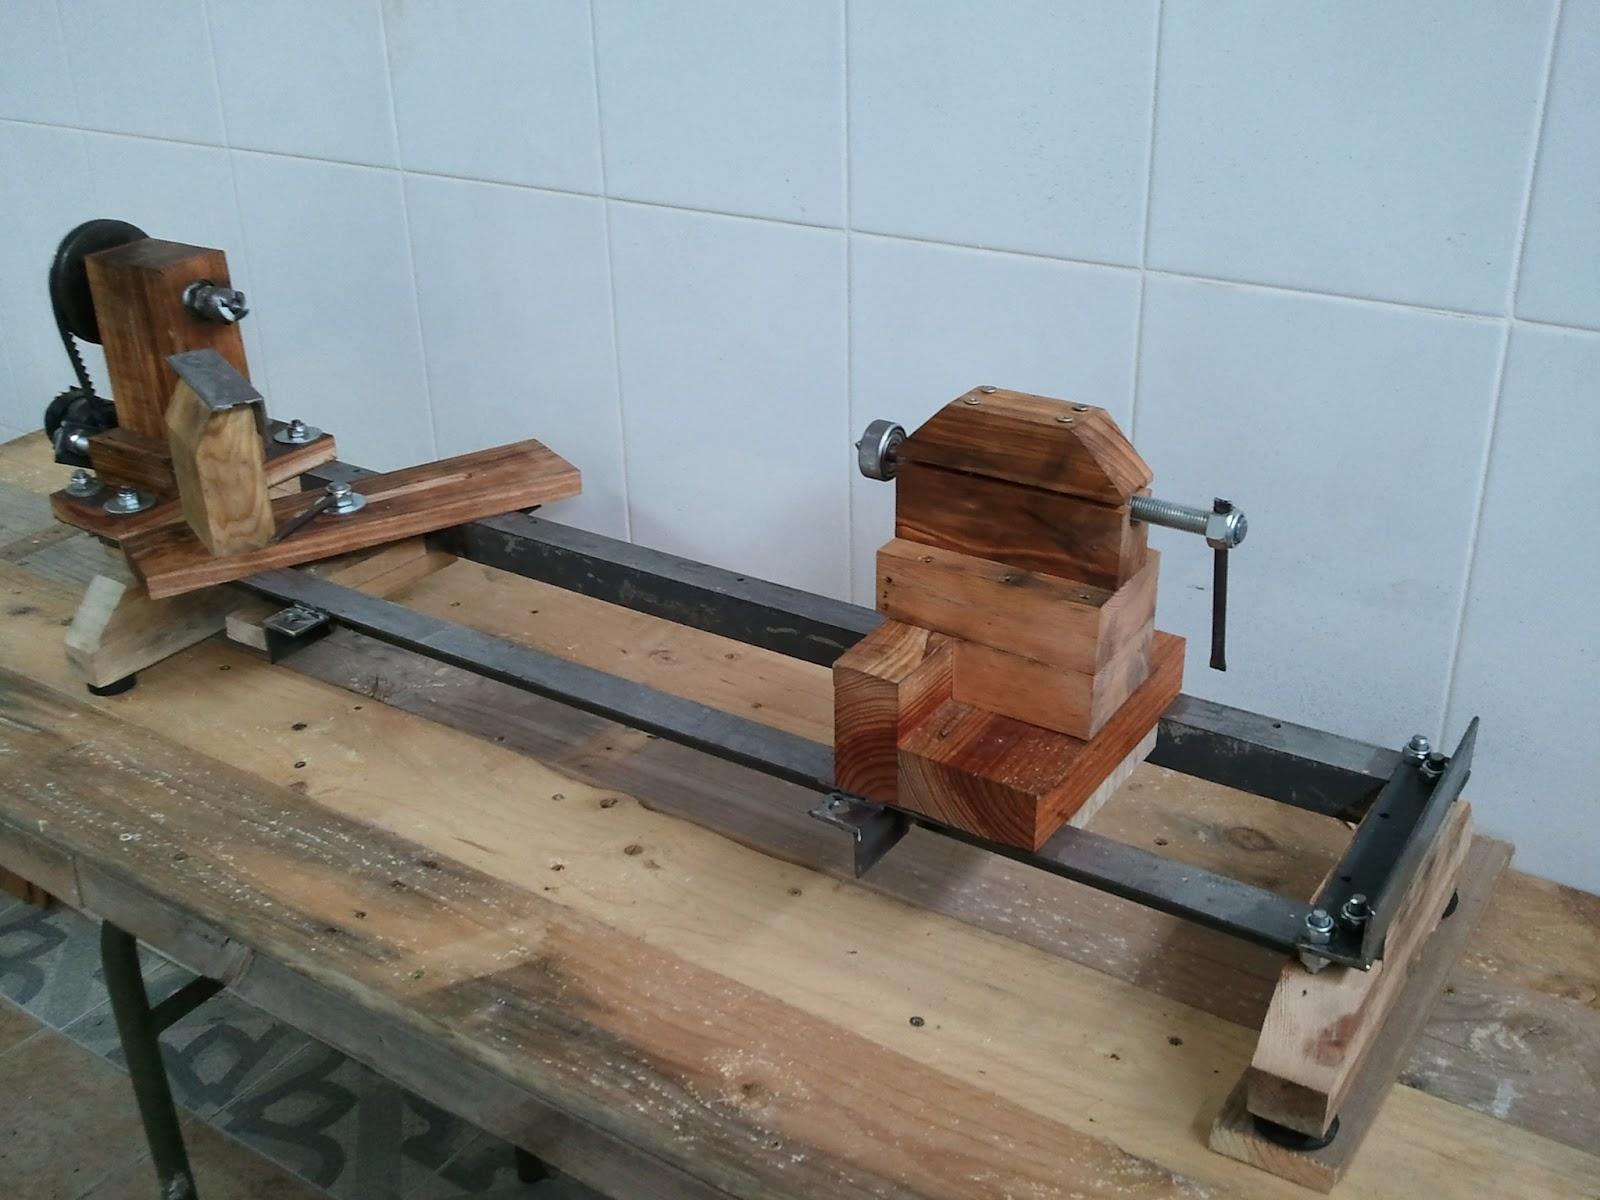 Torno casero artilugios en casa for Casas de madera para guardar herramientas